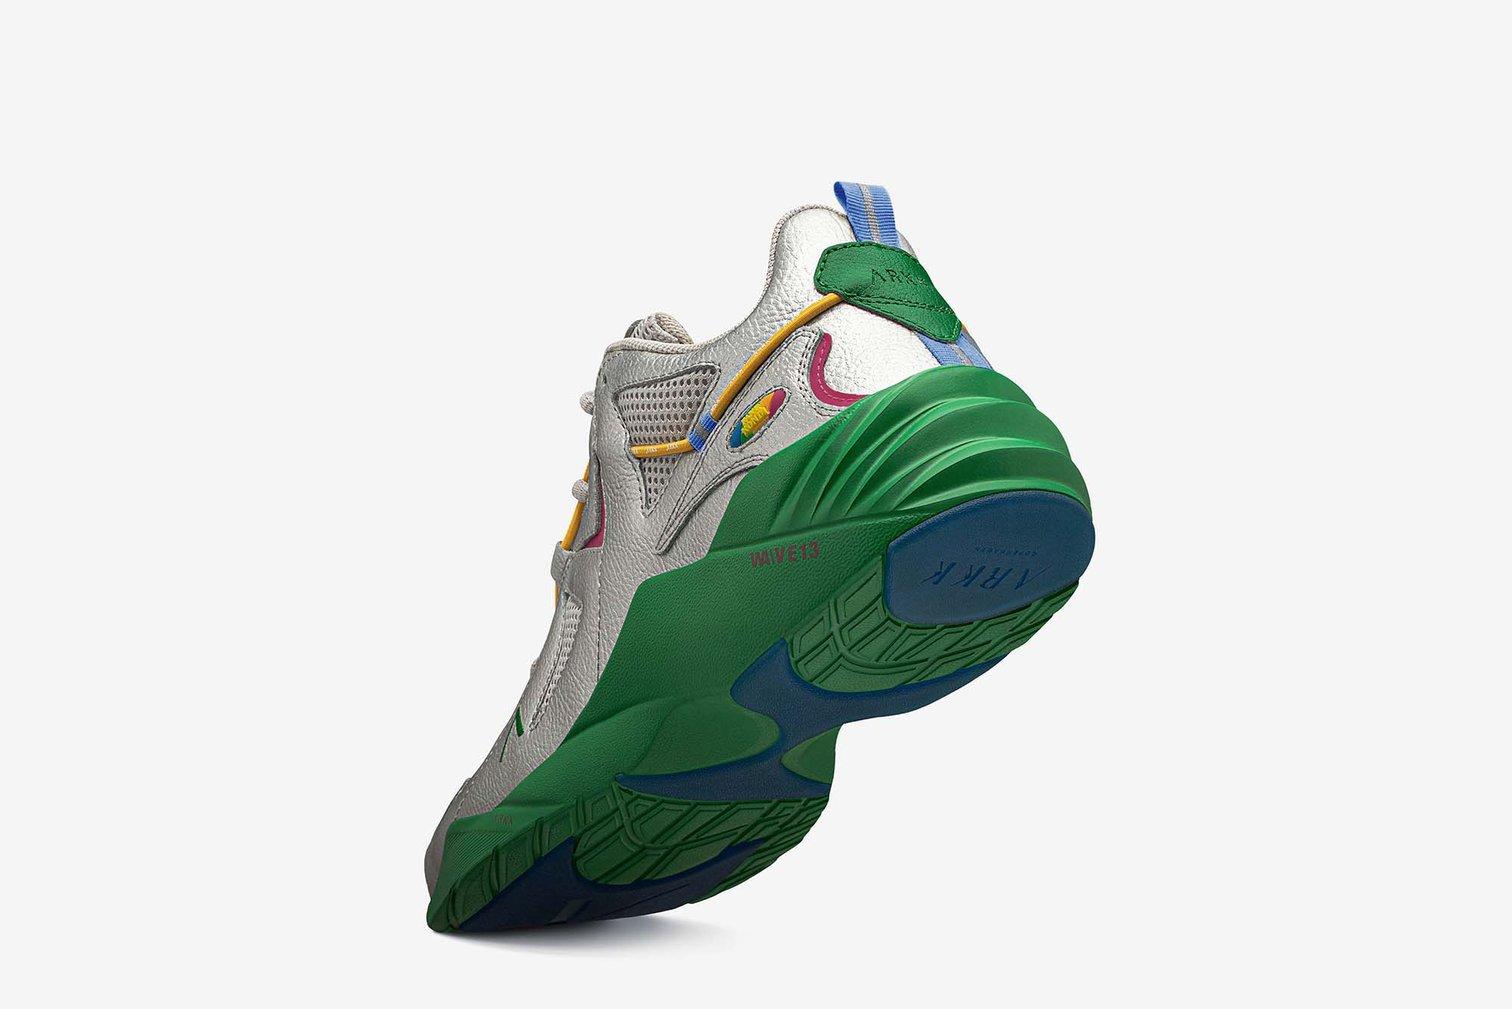 Endnu en jubilæumsfejring: Nu kan du få Faxe Kondi Sneakers